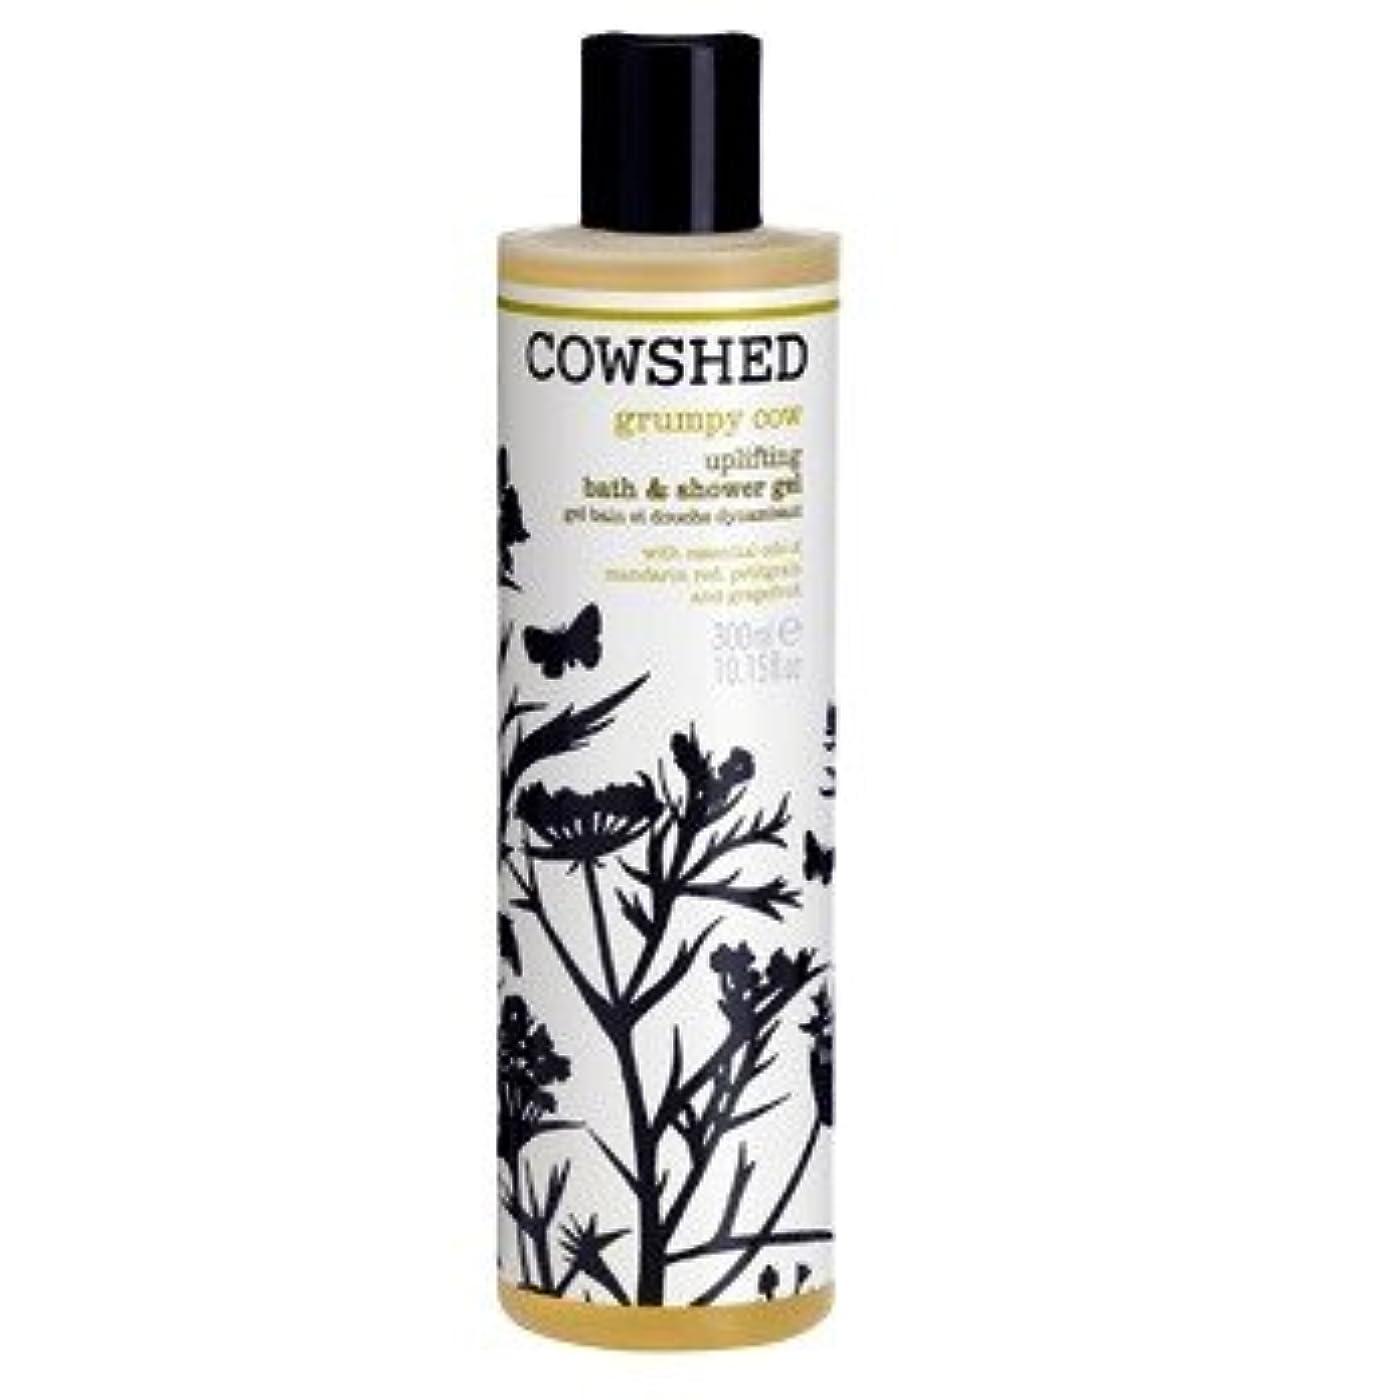 評決モーション登場牛舎気難しい牛高揚バス&シャワージェル300ミリリットル (Cowshed) - Cowshed Grumpy Cow Uplifting Bath & Shower Gel 300ml [並行輸入品]